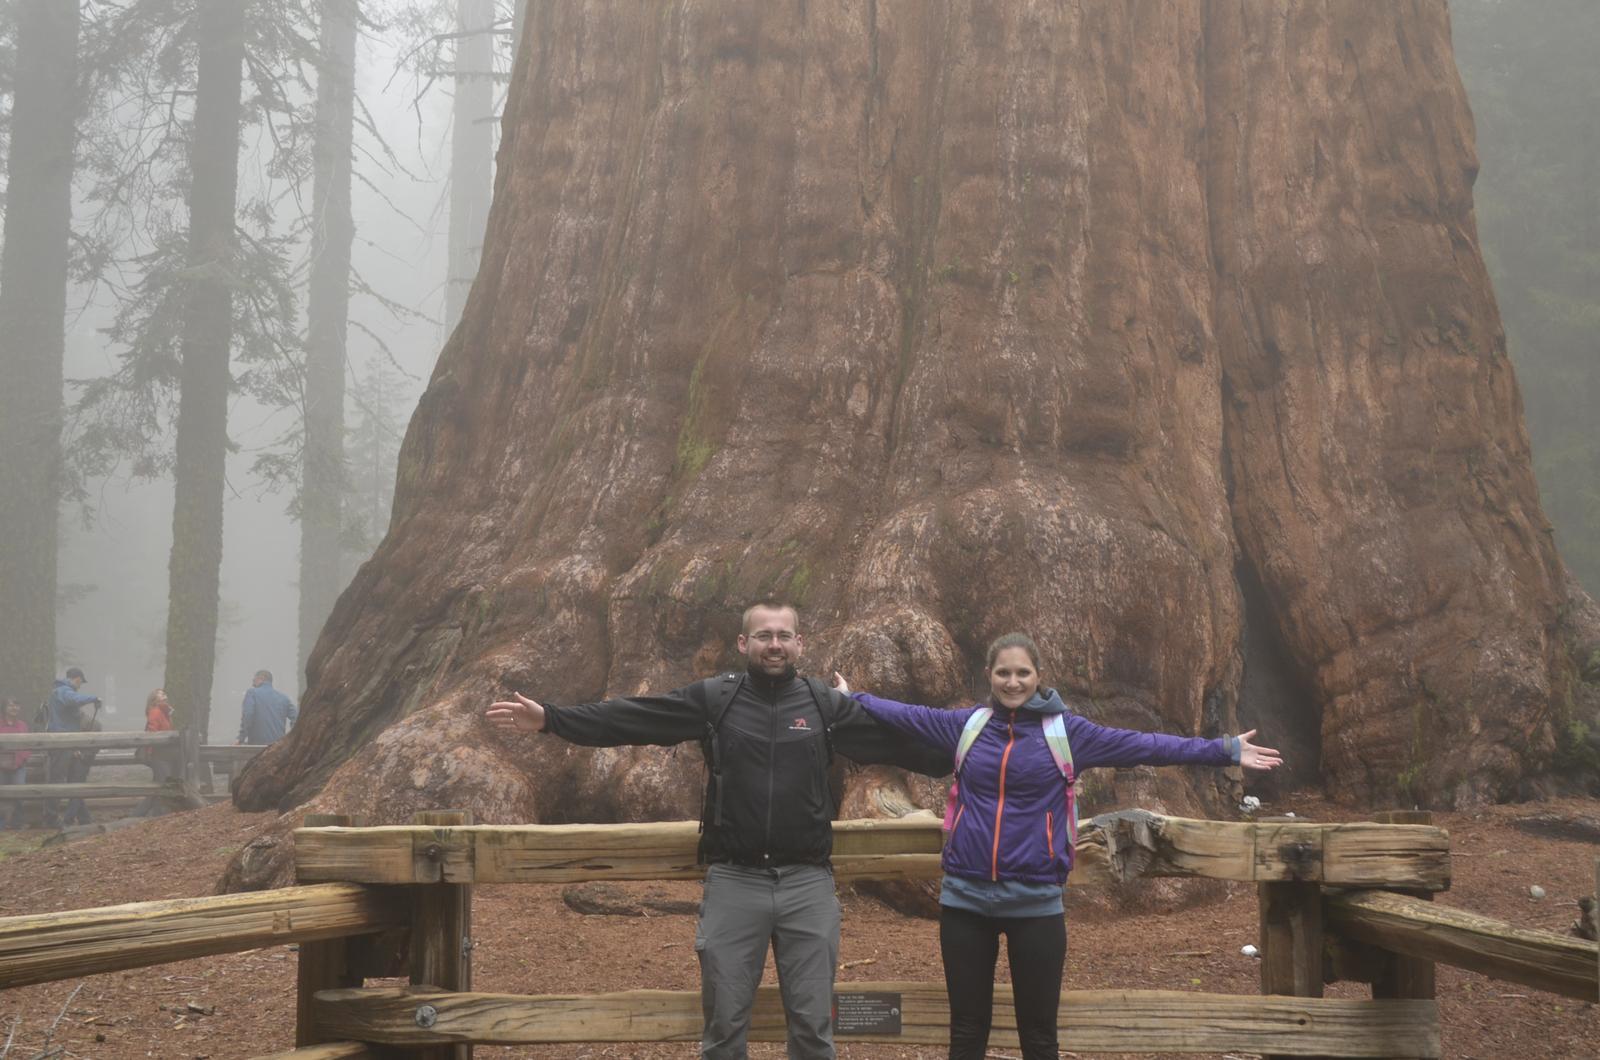 """""""If you can dream it, you can do it."""" - General sherman - objemovo najväčší strom na svete :)"""